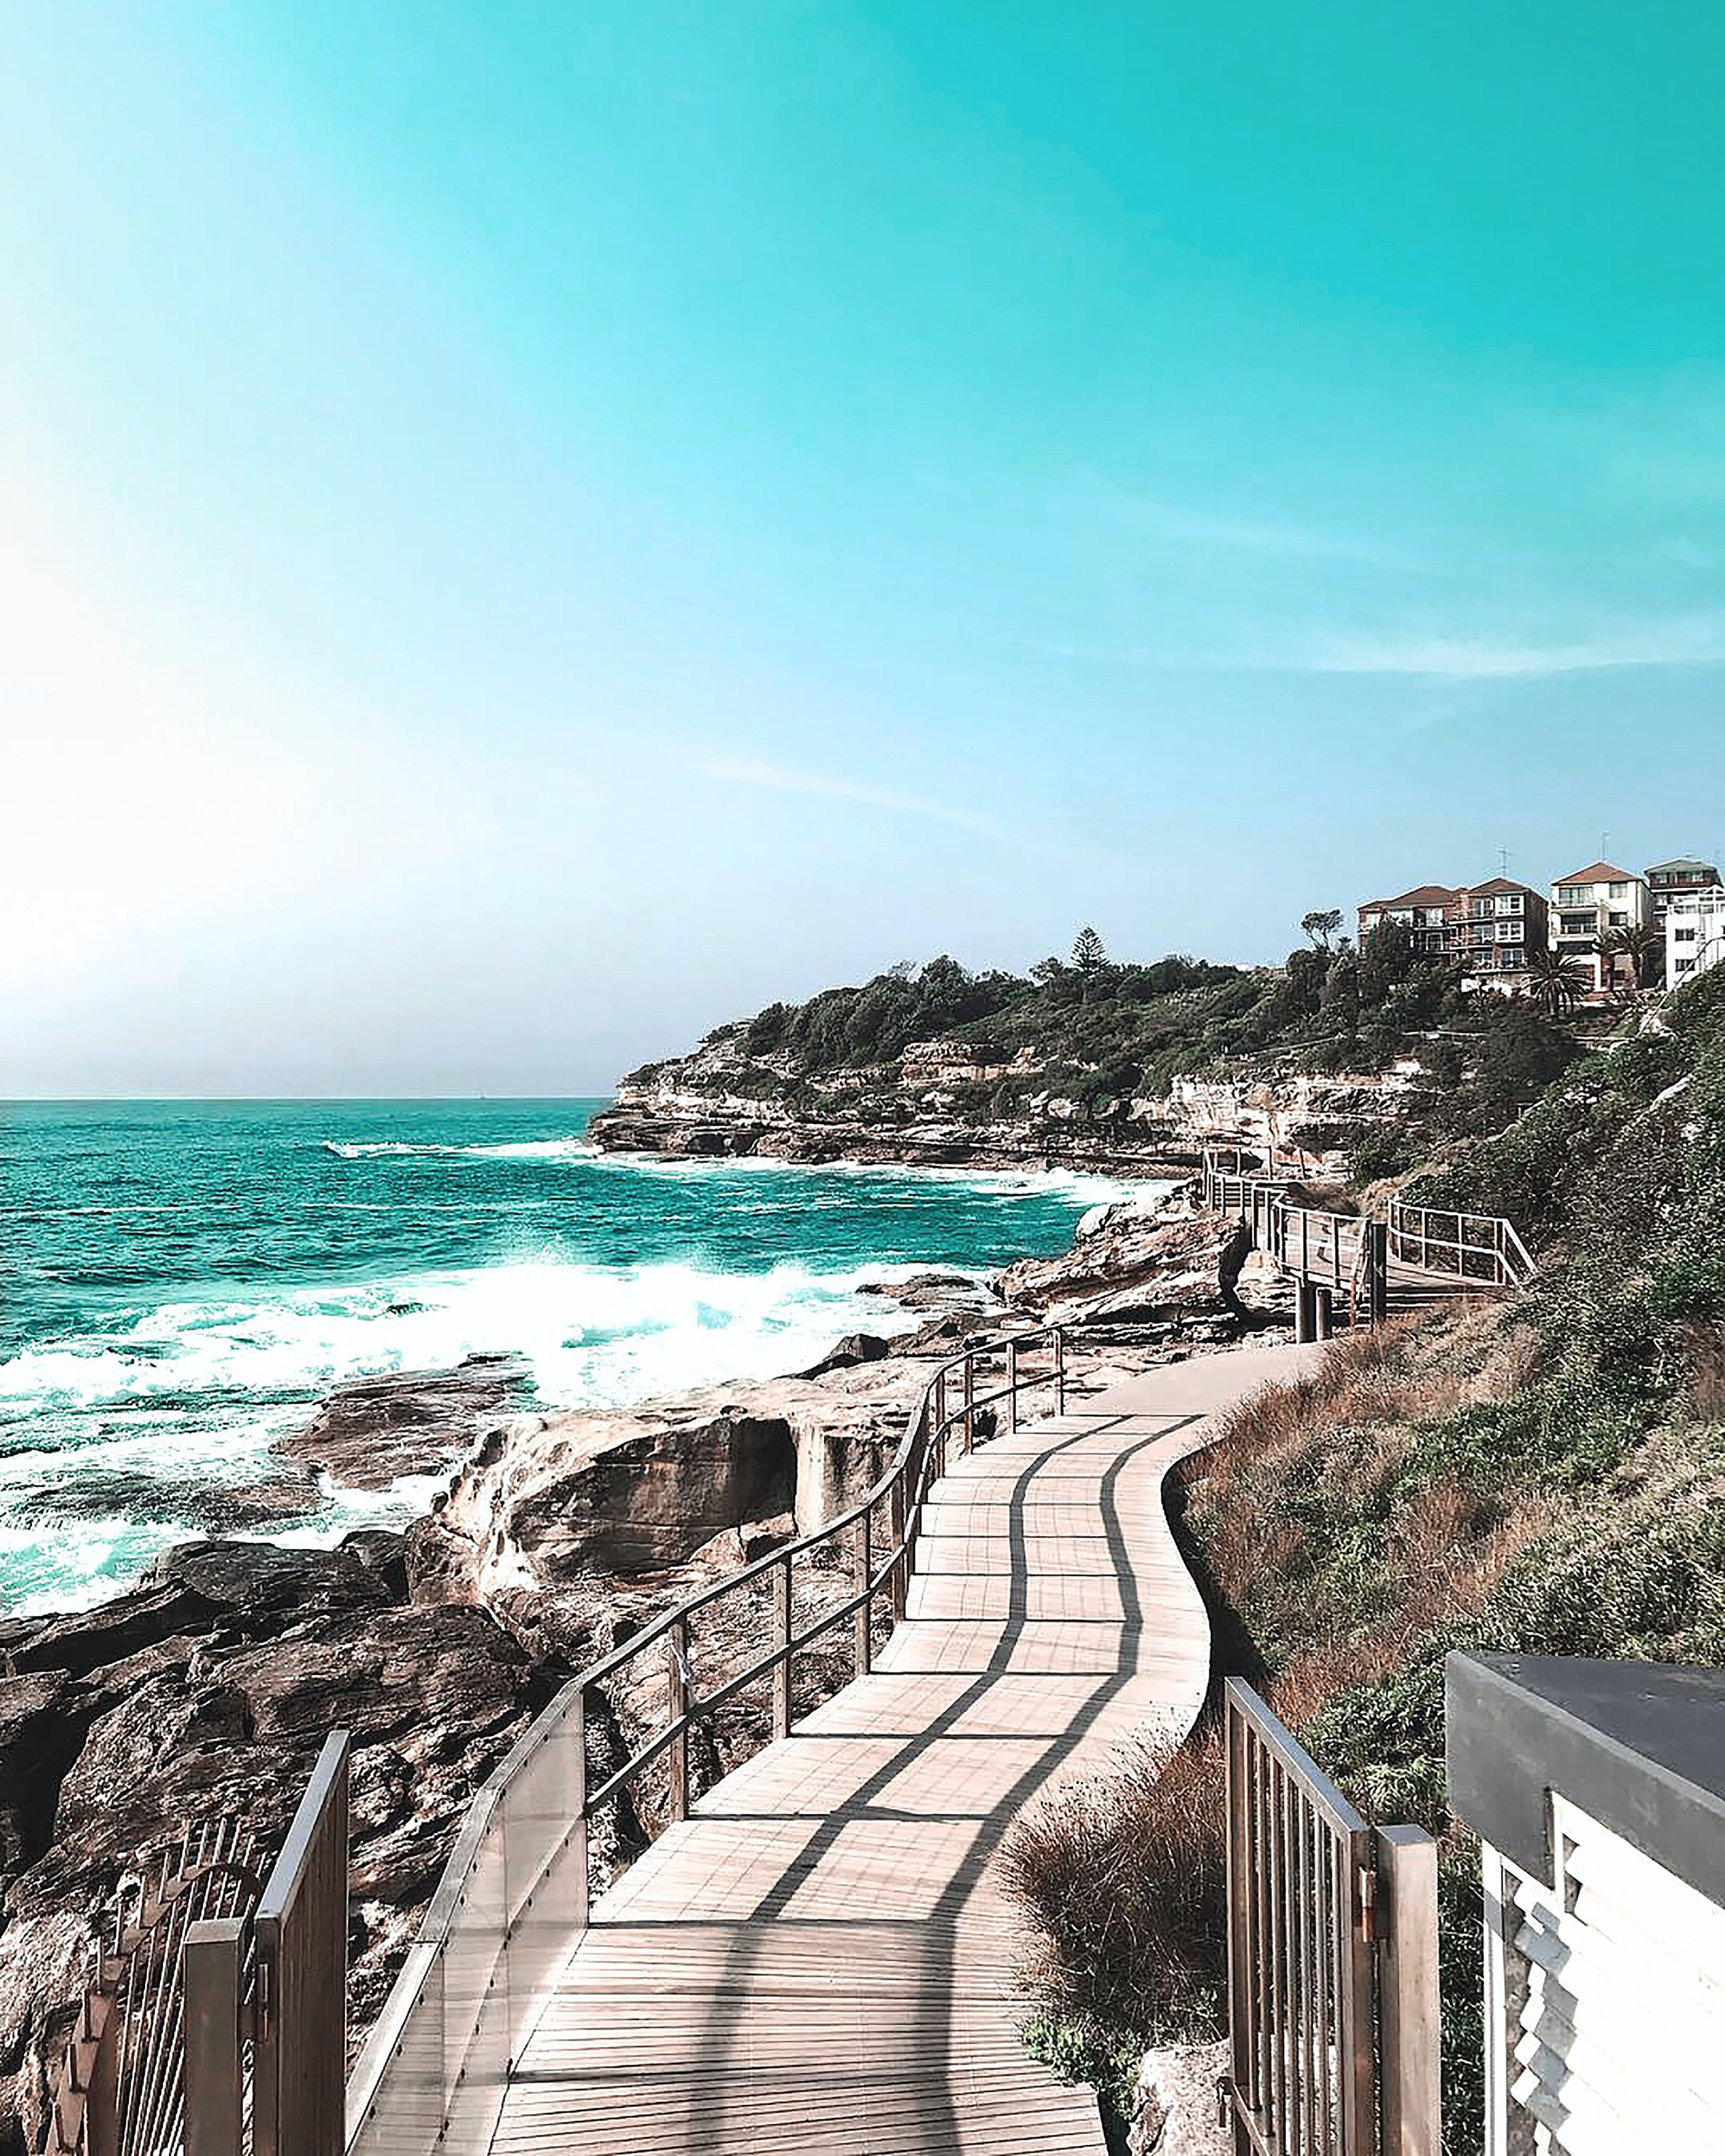 Δωρεάν στοκ φωτογραφιών με coogee, coogee παραλία, αρχιτεκτονική, Αυστραλία